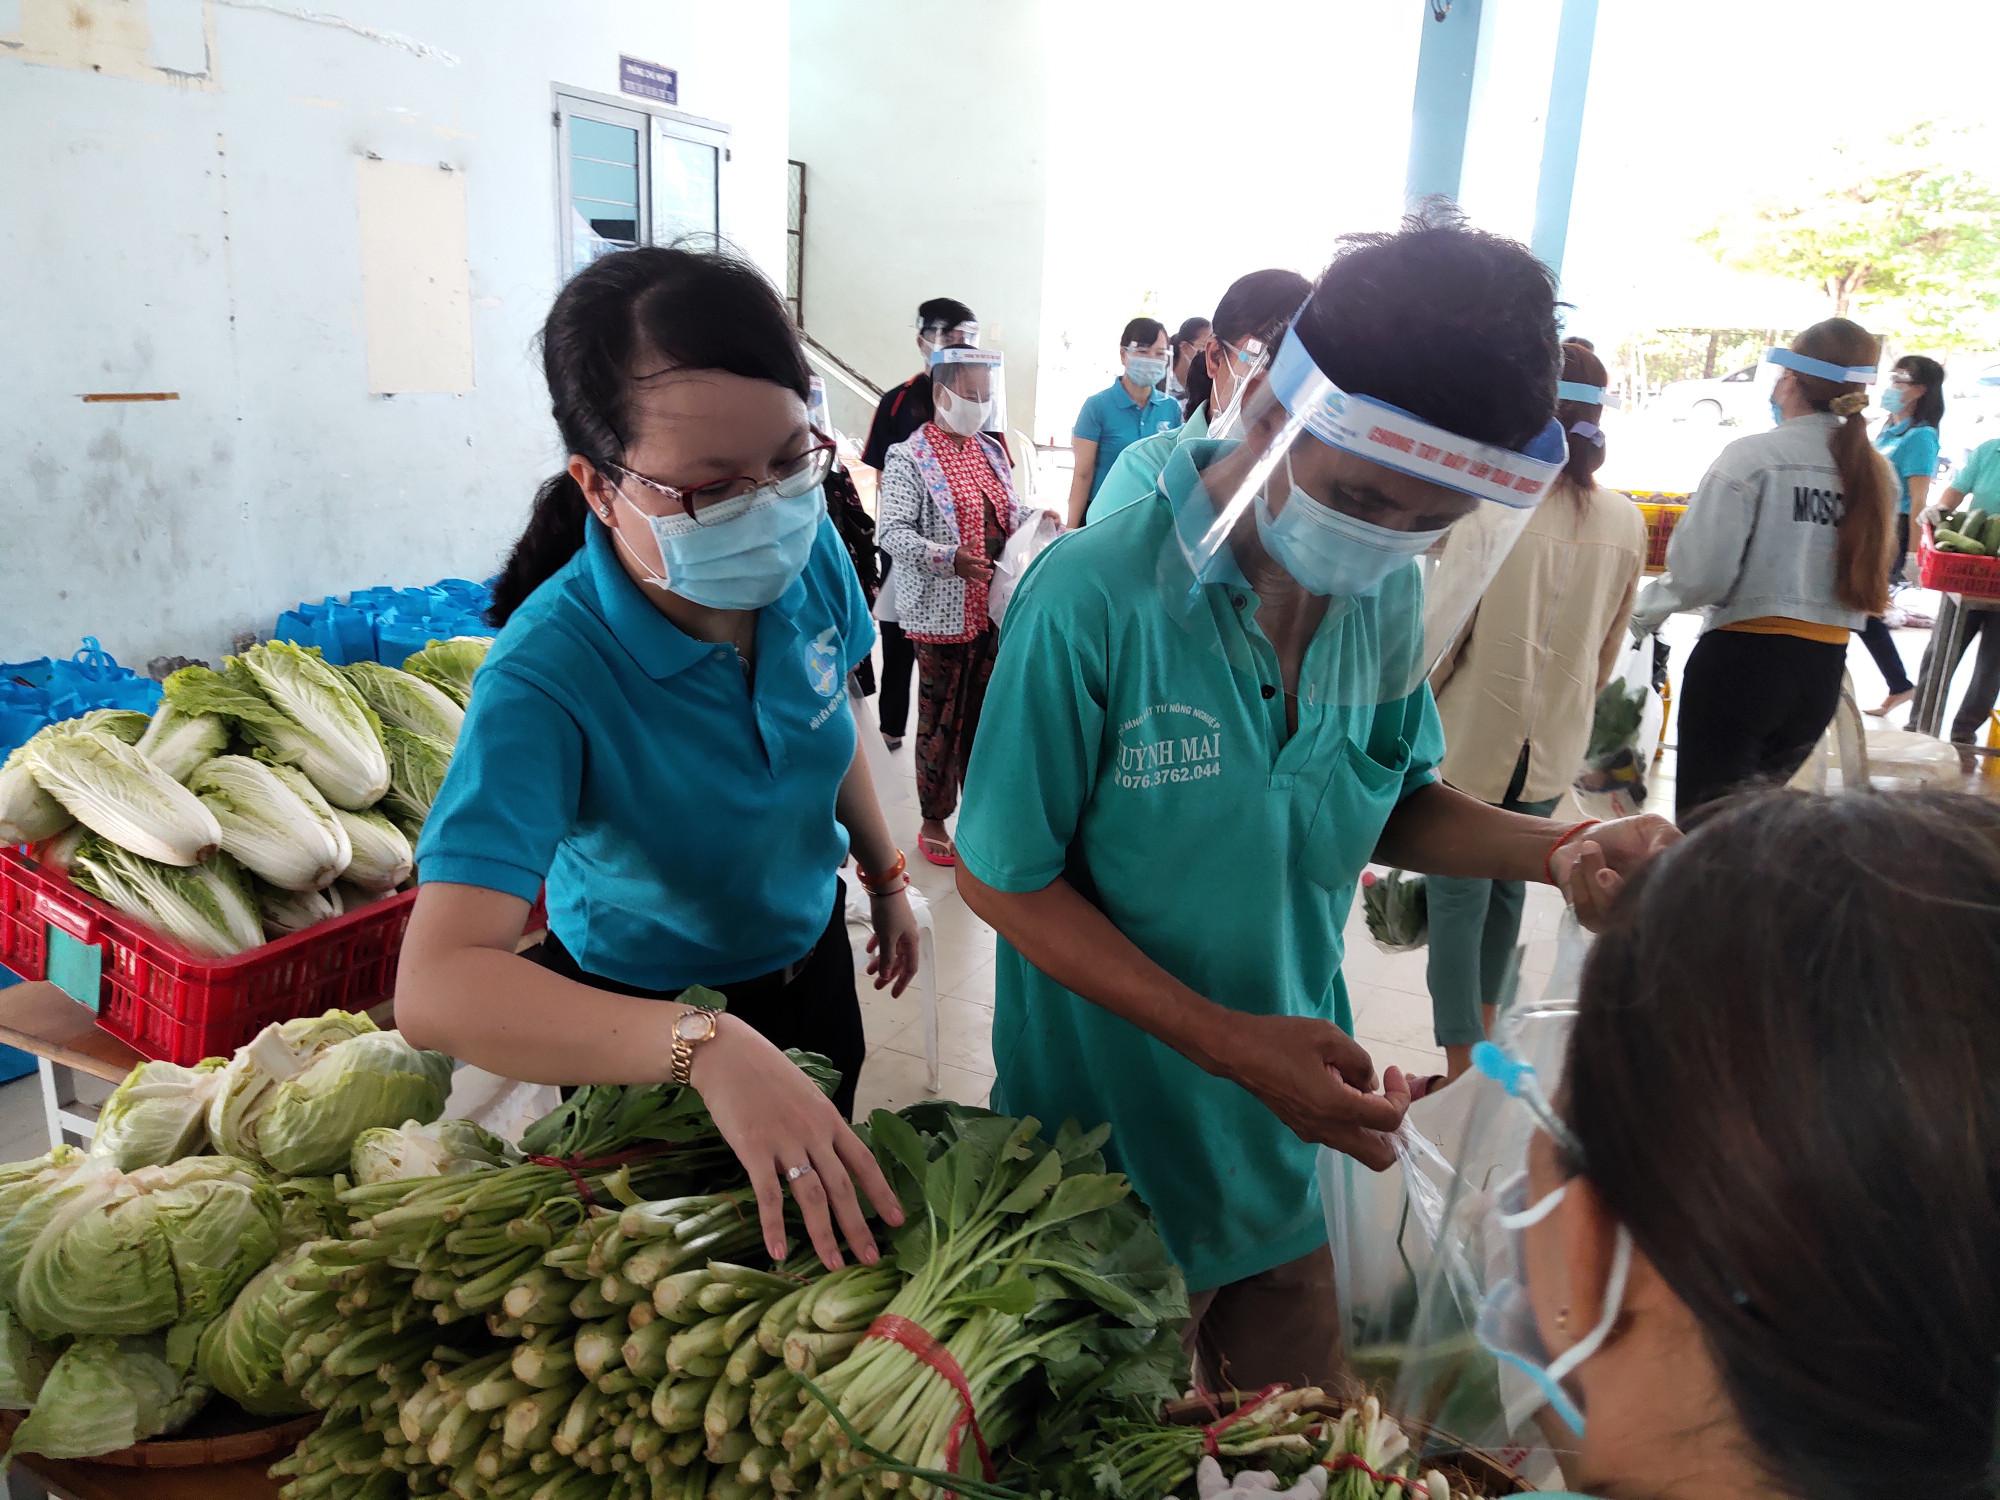 Những gian hàng thực phẩm thiết yếu được Hội LHPN huyện Nhà Bè chuẩn bị để phục vụ miễn phí nhu cầu của người dân